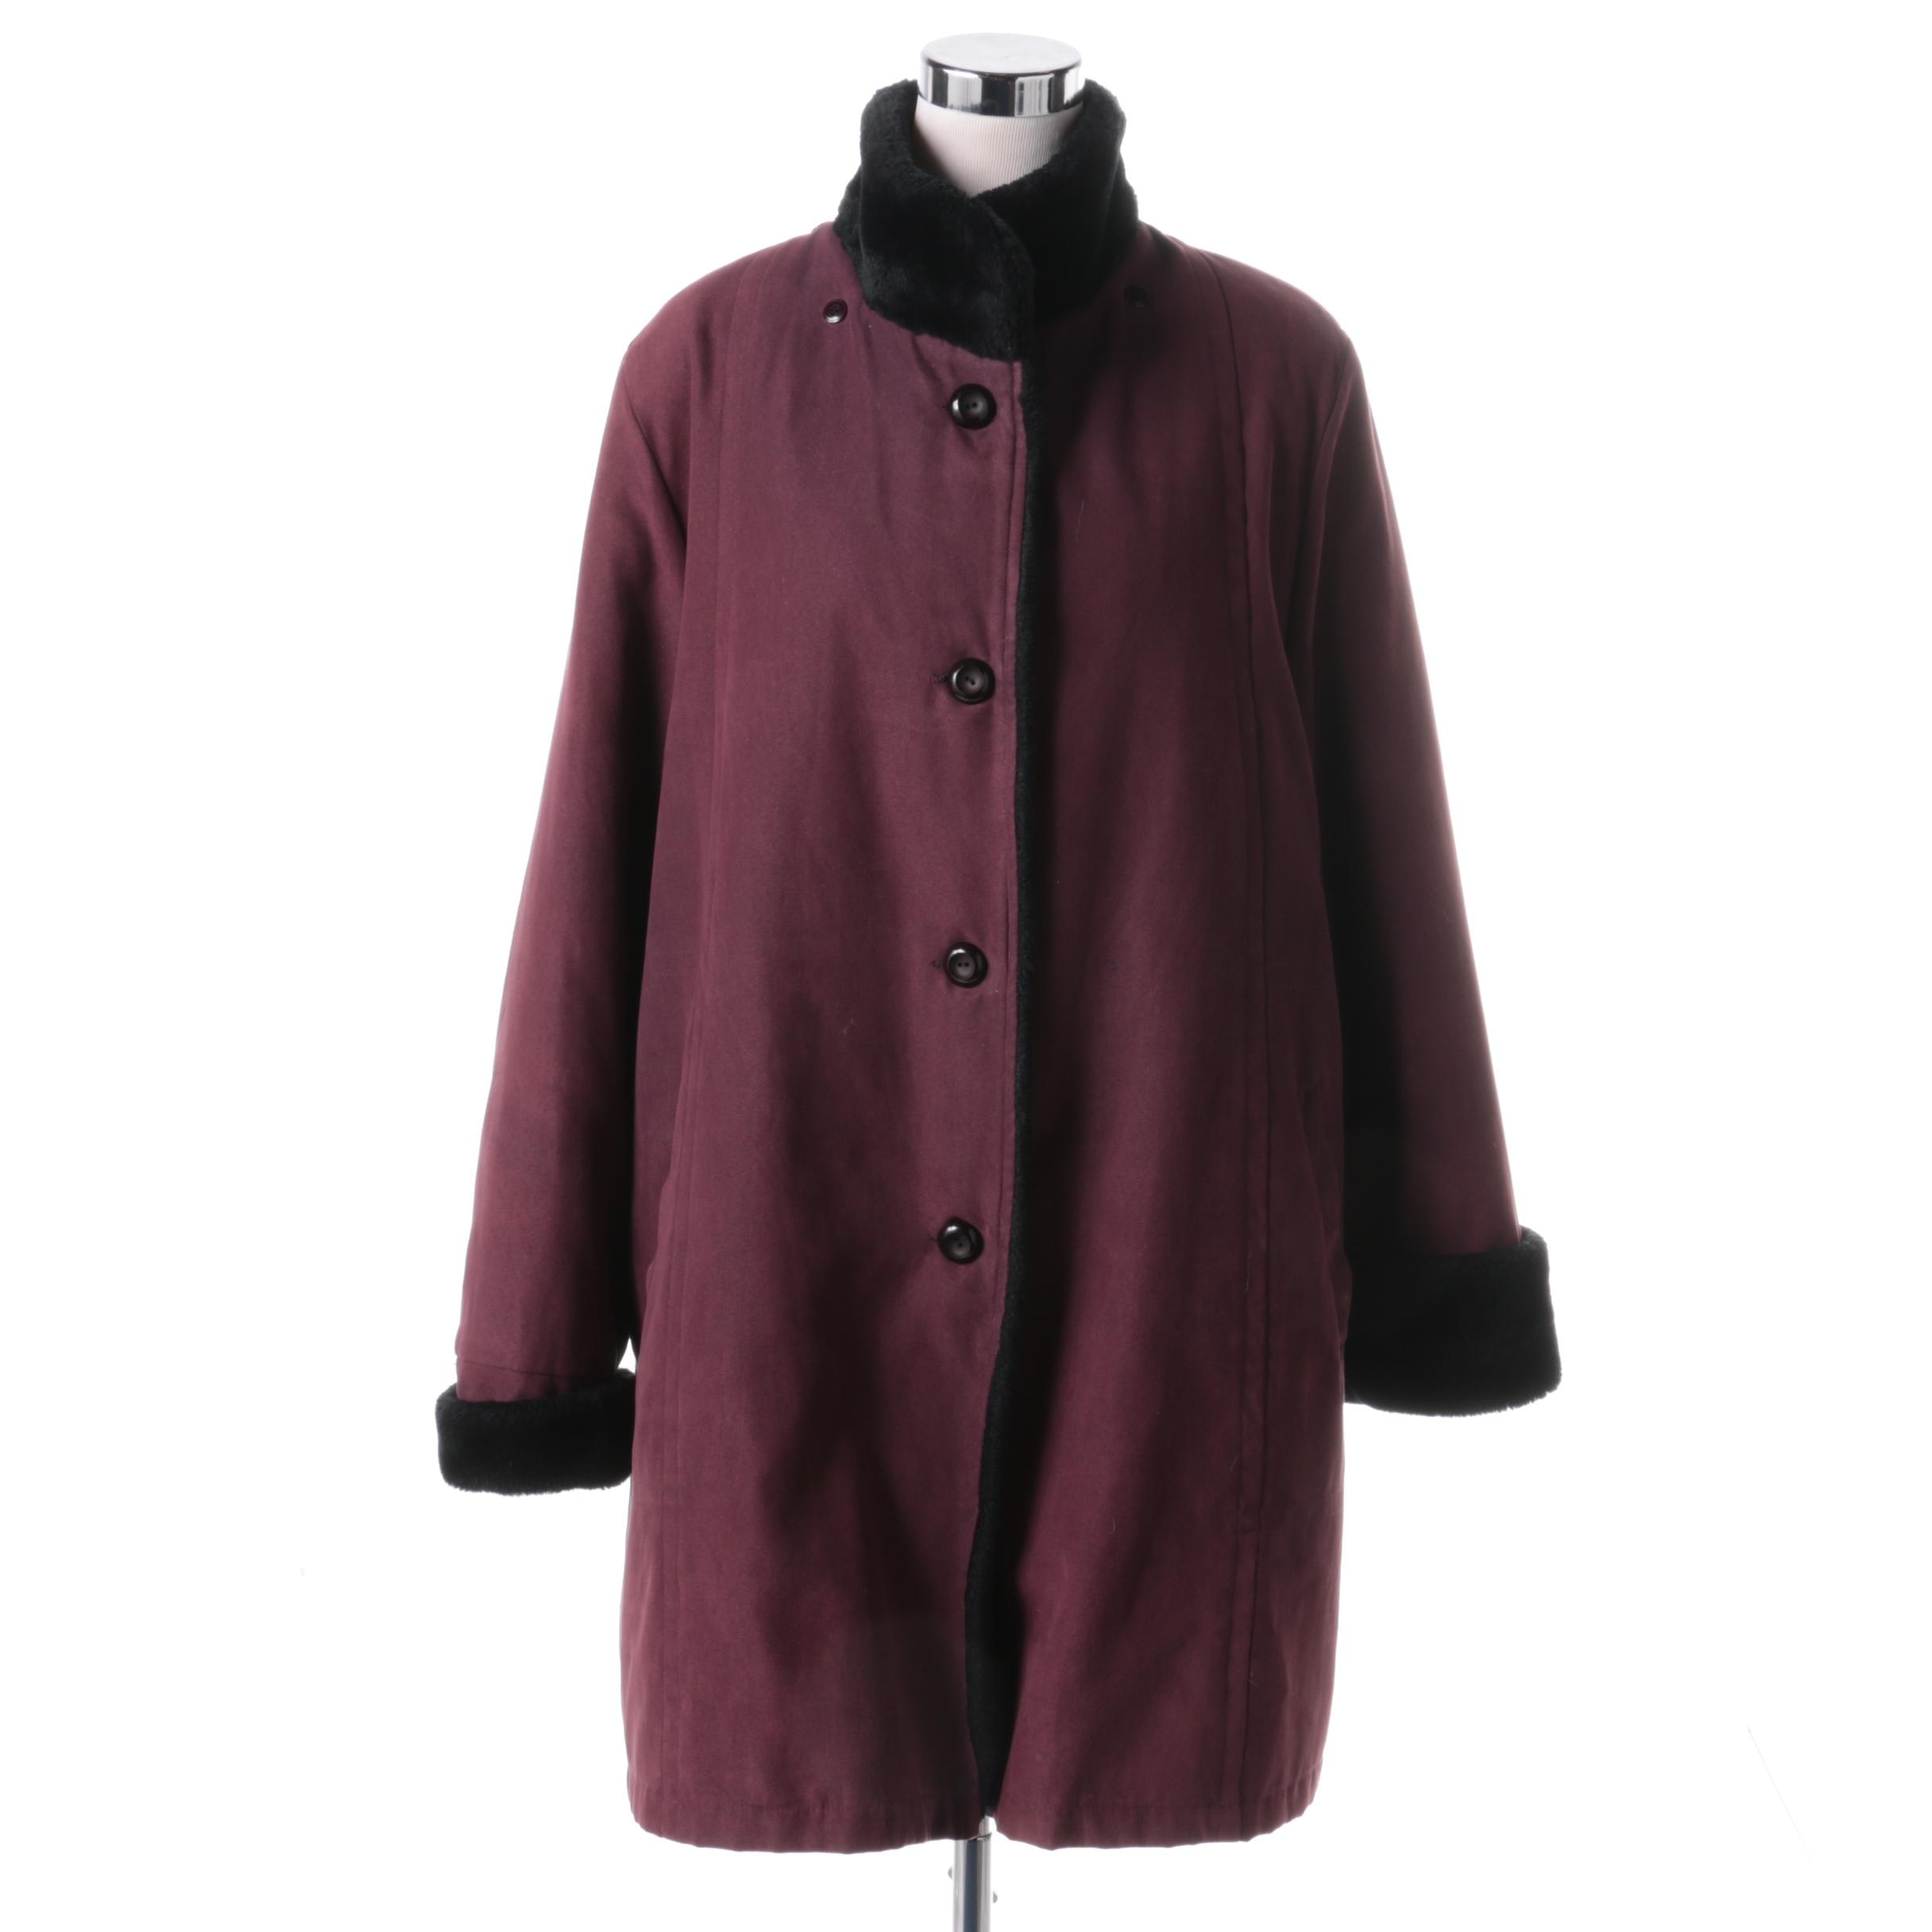 Regent Park Outerwear Plum Winter Coat with Faux Fur Trim